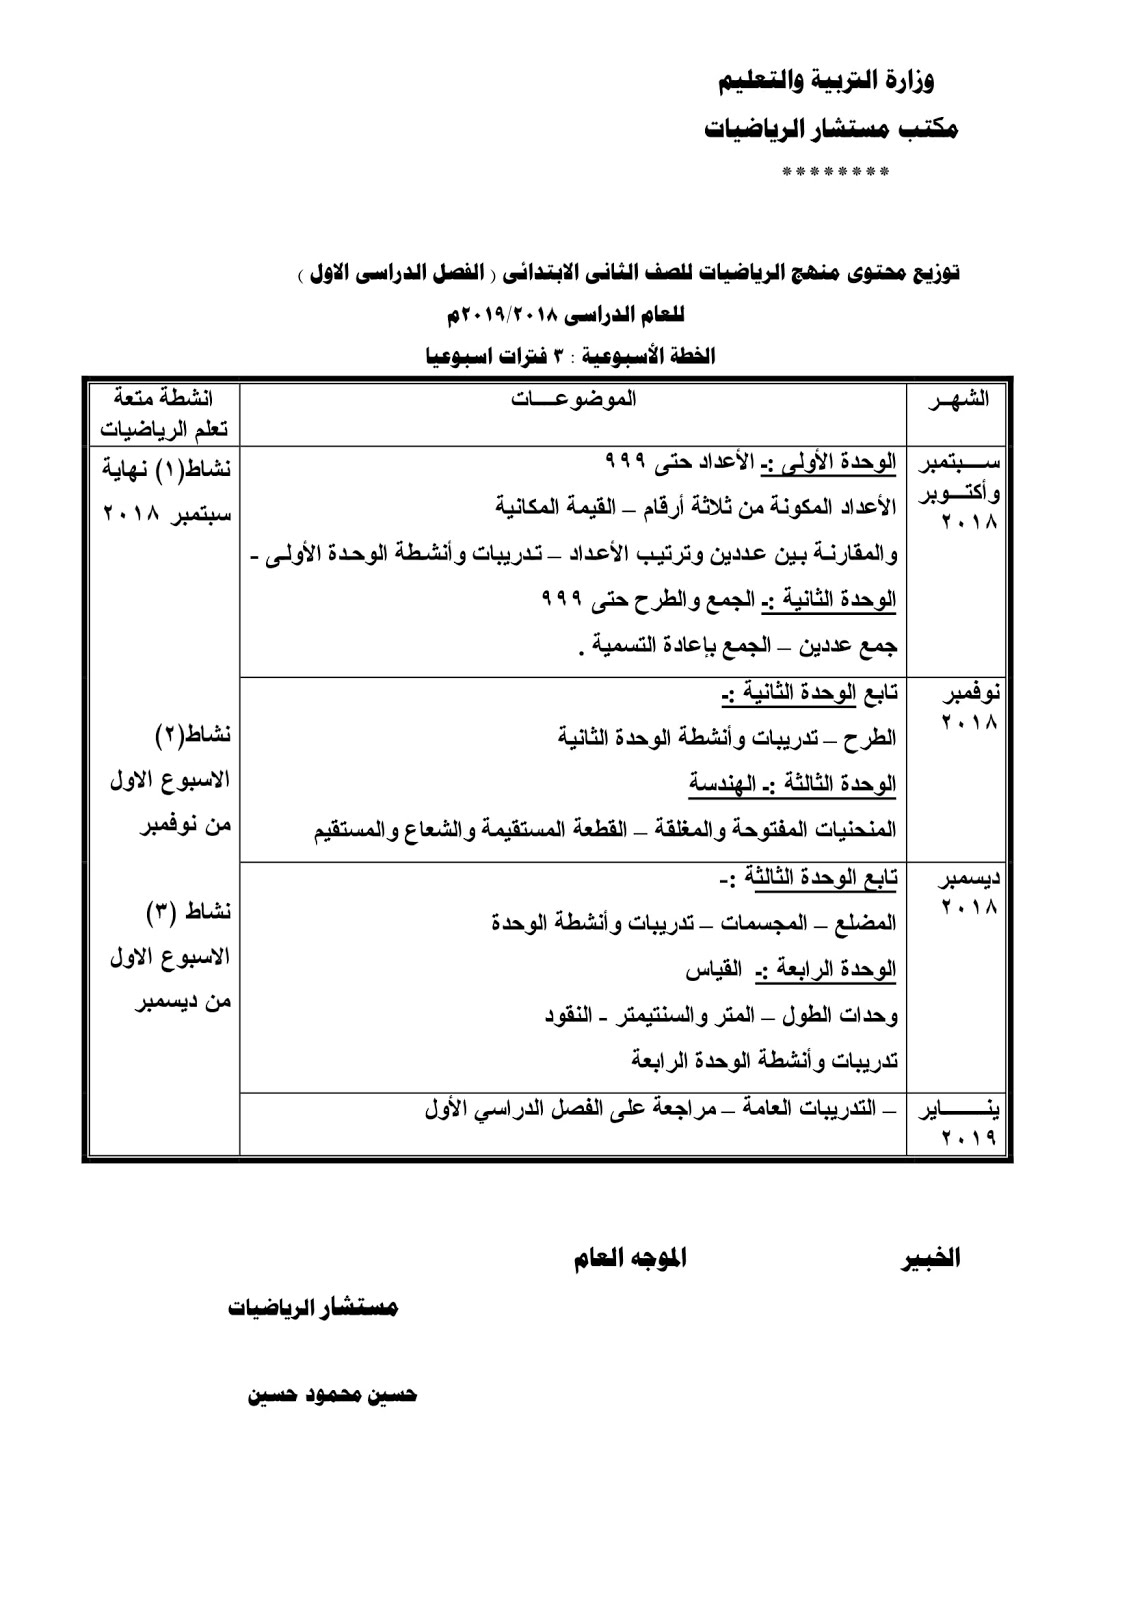 توزيع منهج الرياضيات الفصل الدراسي الأول تانية ابتدائي  2019